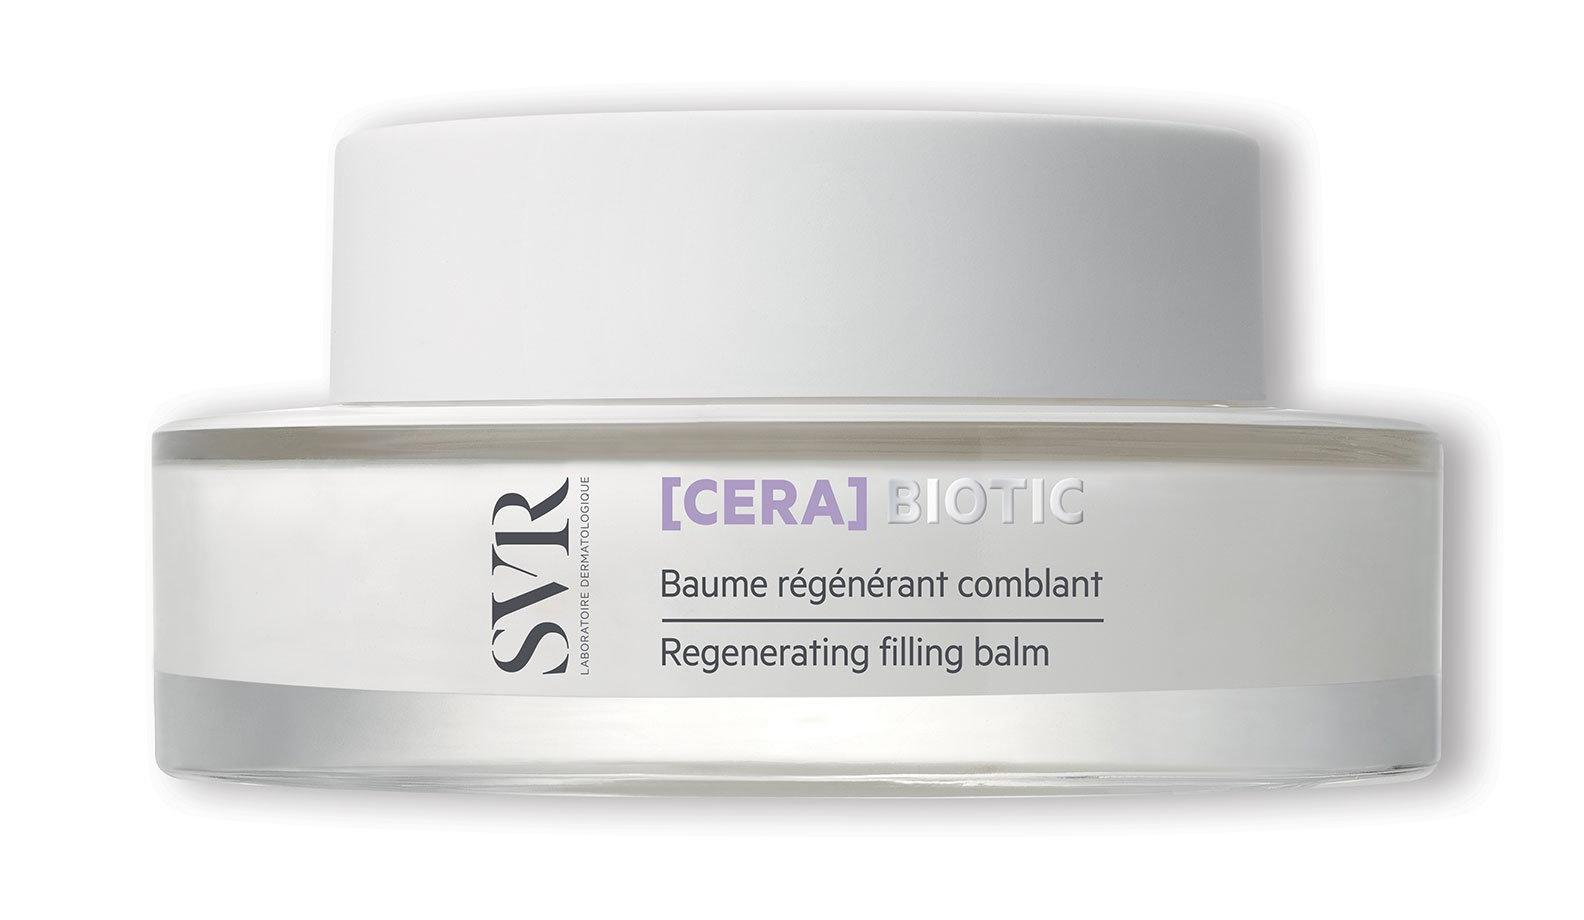 SVR Laboratoires [Cera]Biotic Regenerating Firming Balm